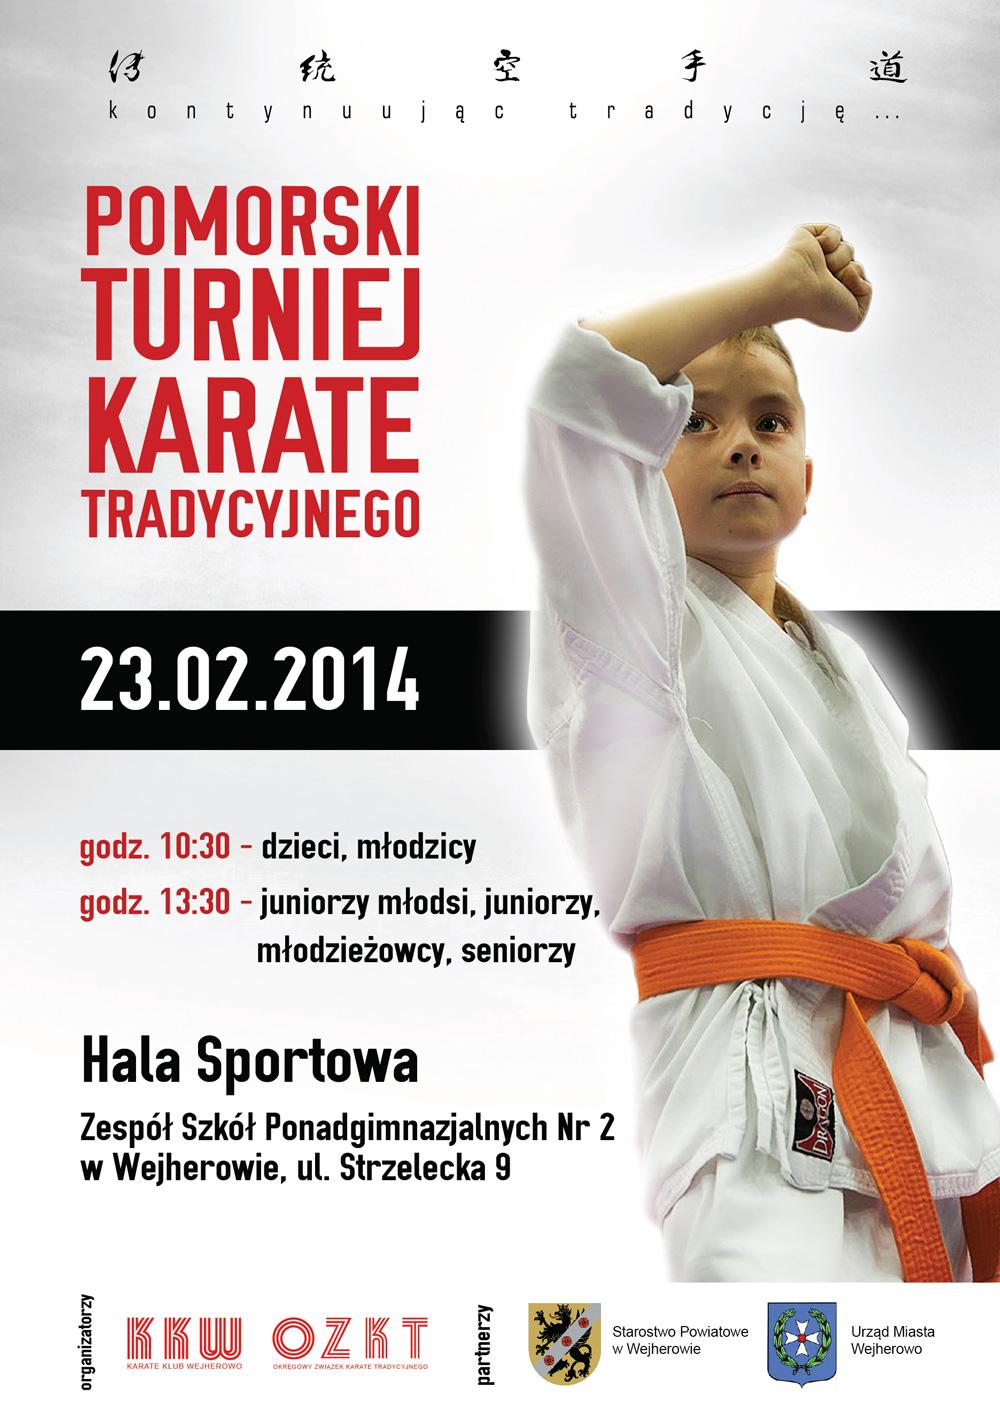 Pomorski Turniej Karate Tradycyjnego